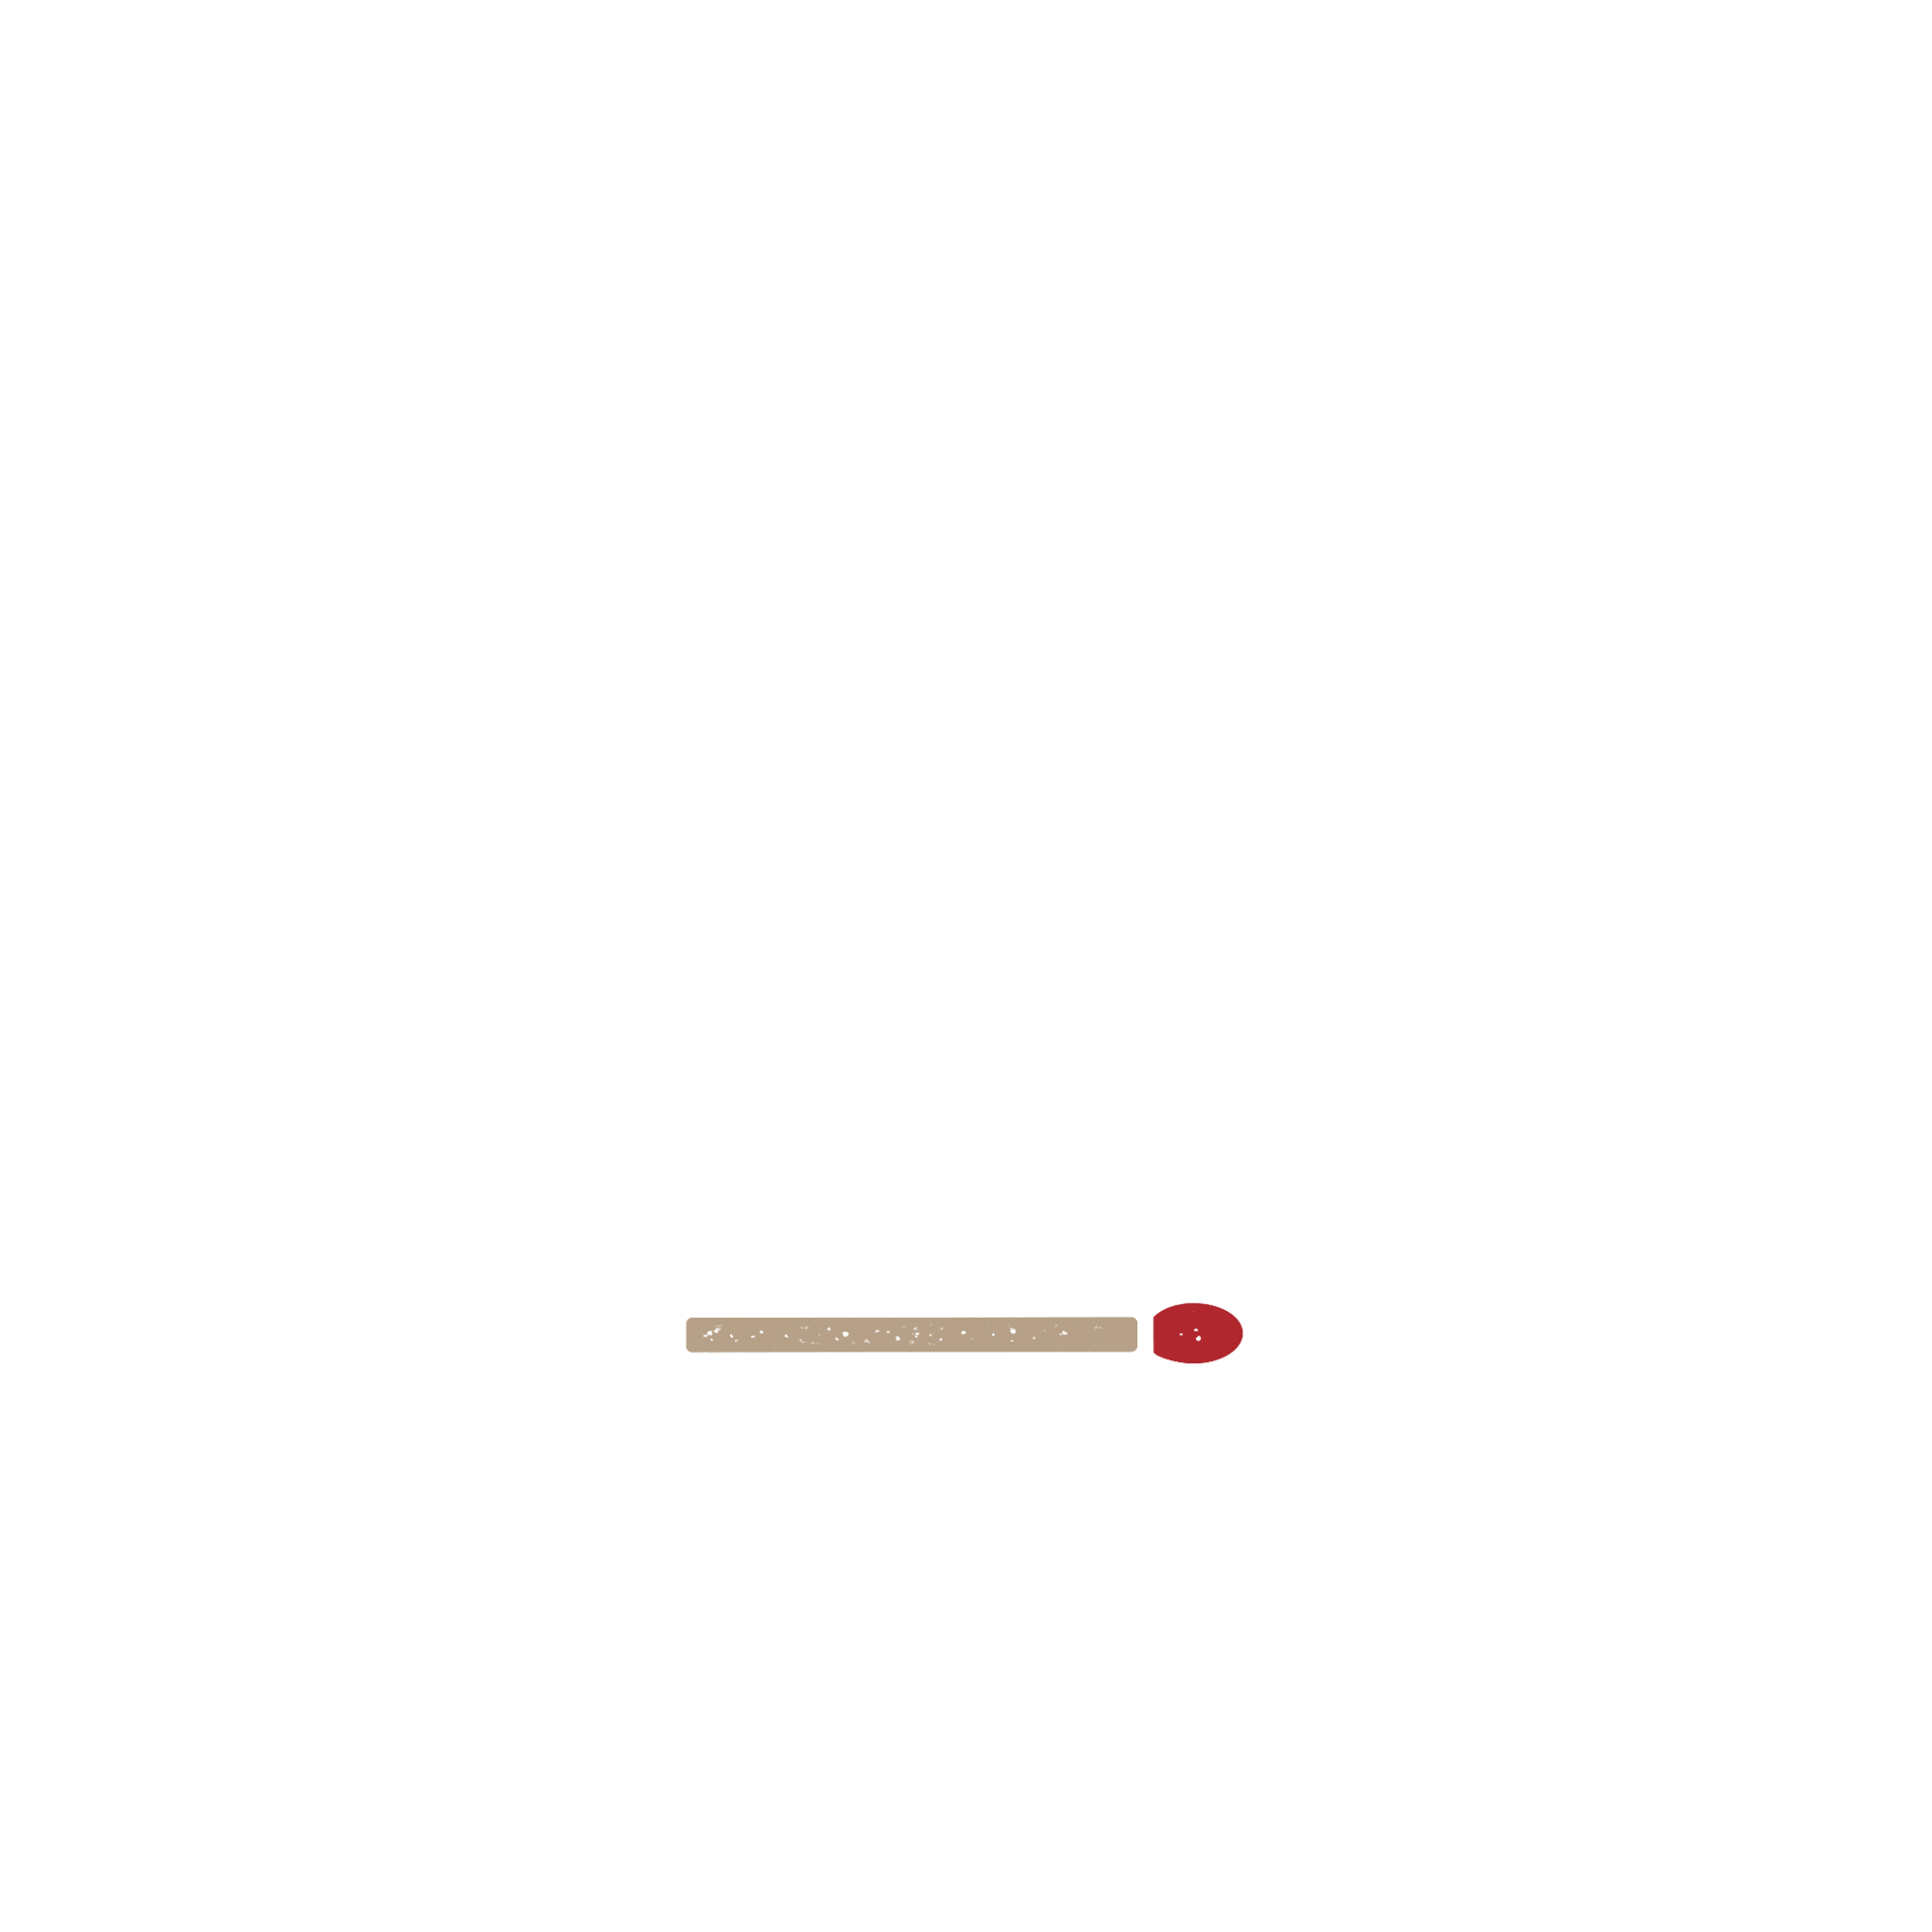 metal_match_alt_2_wht_color.png